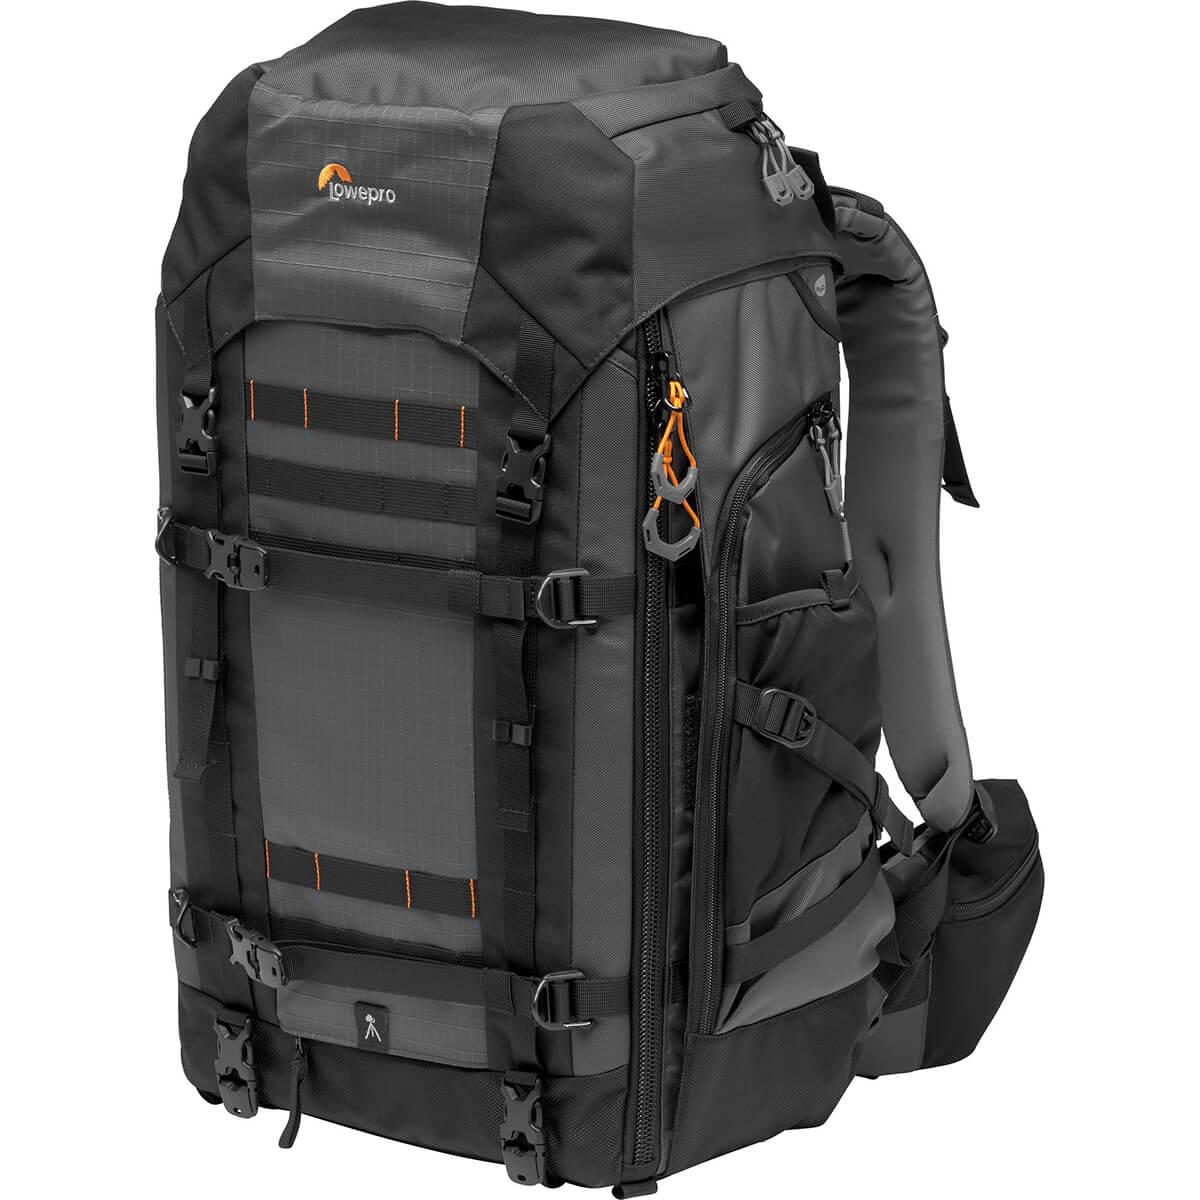 Best Camera Backpacks for Travel - Lowepro Pro Trekker